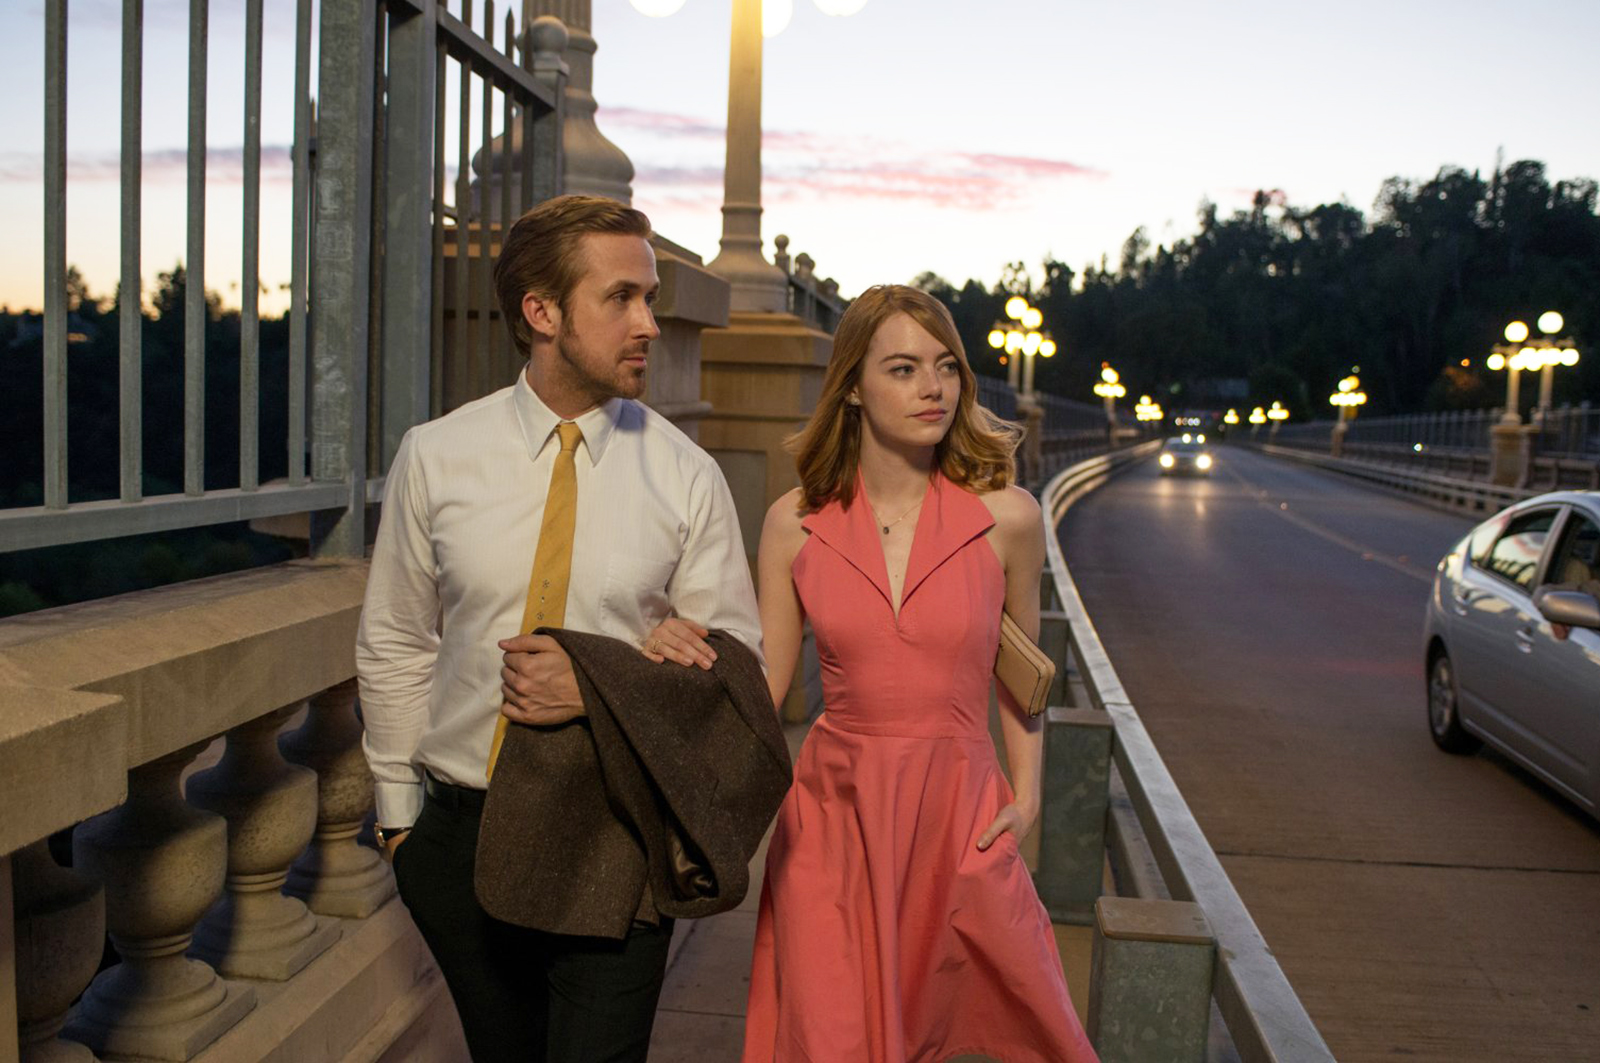 PÚBLICO - O melhor de <i>La La Land</i> é o pior de nós